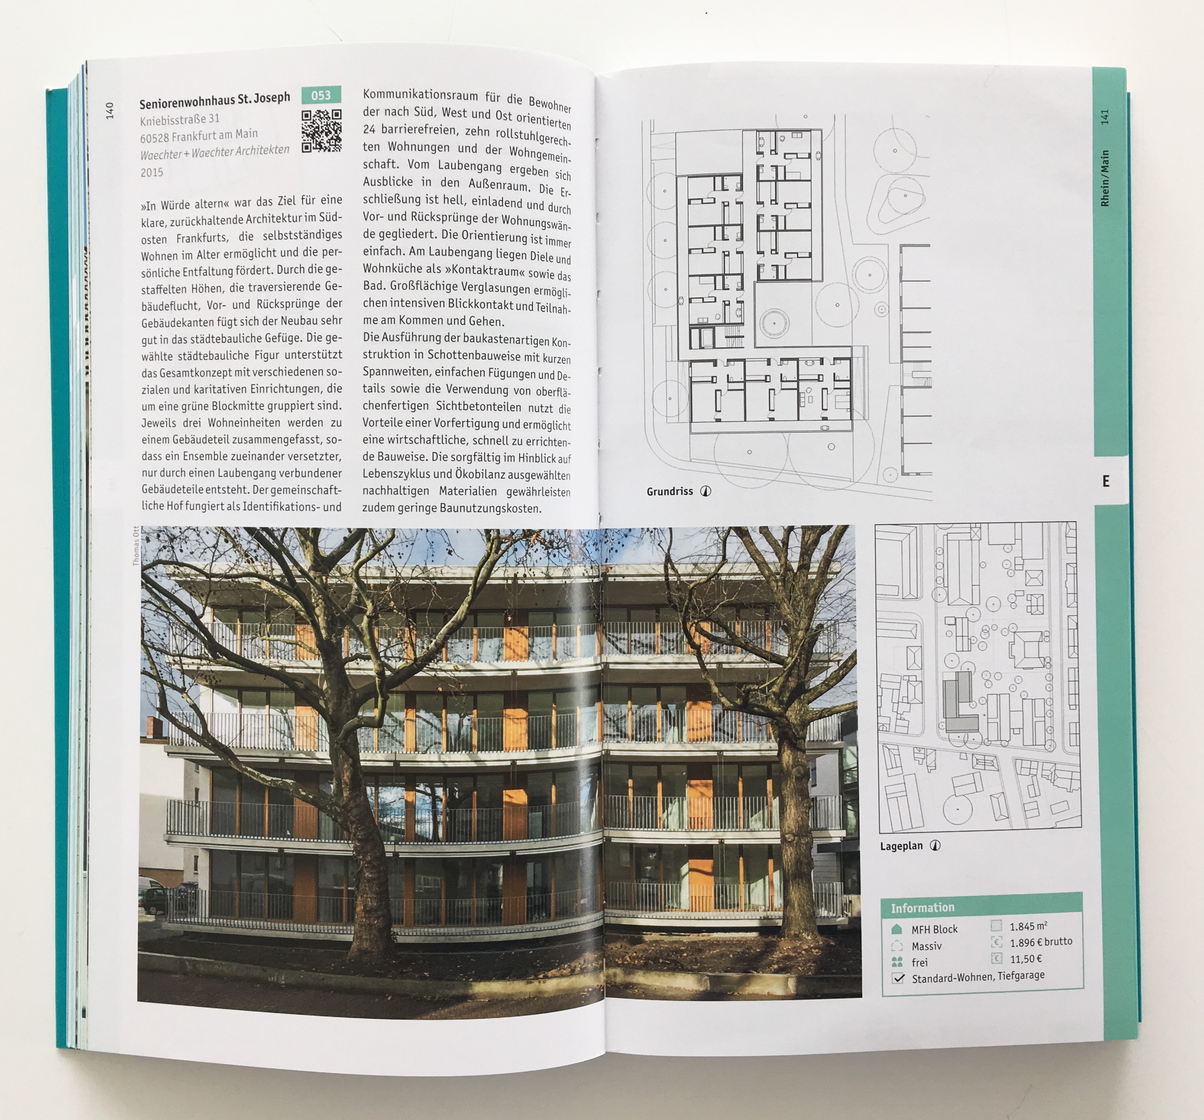 Wohnen für Alle Bautenkatalog 2019 Seniorenwohnheim St. Josef